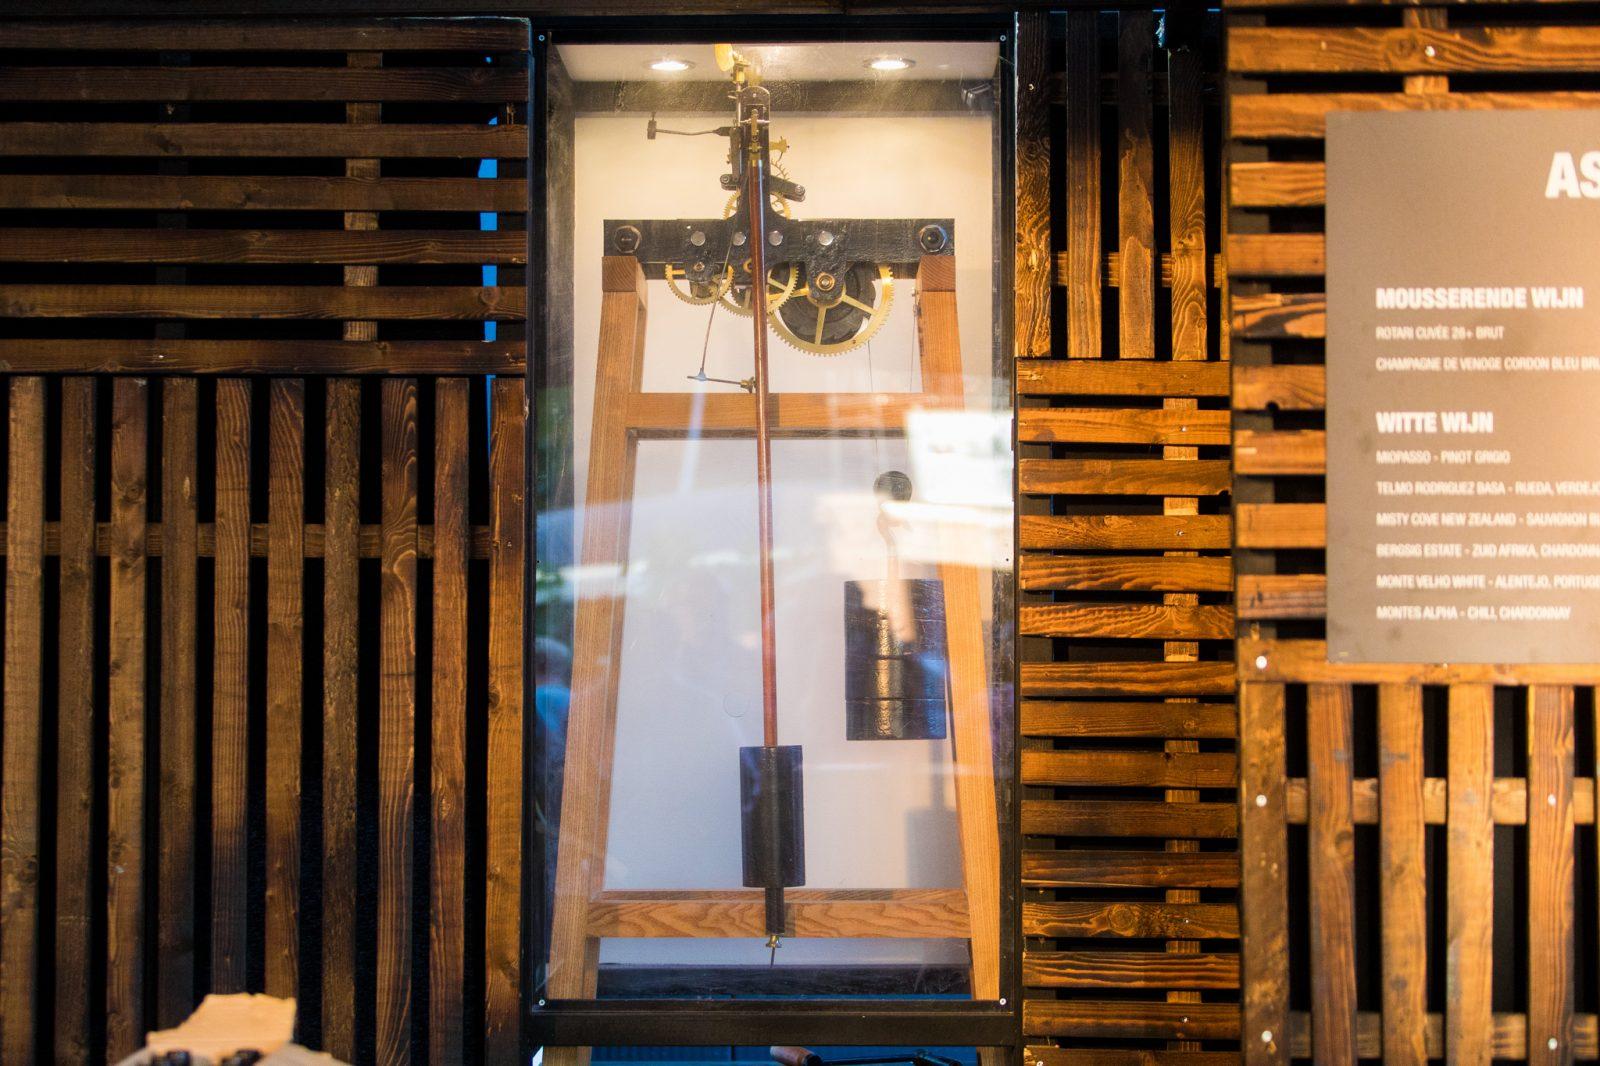 Triomf - De klok loopt echt, met een origineel uurwerk uit een oude kerktoren